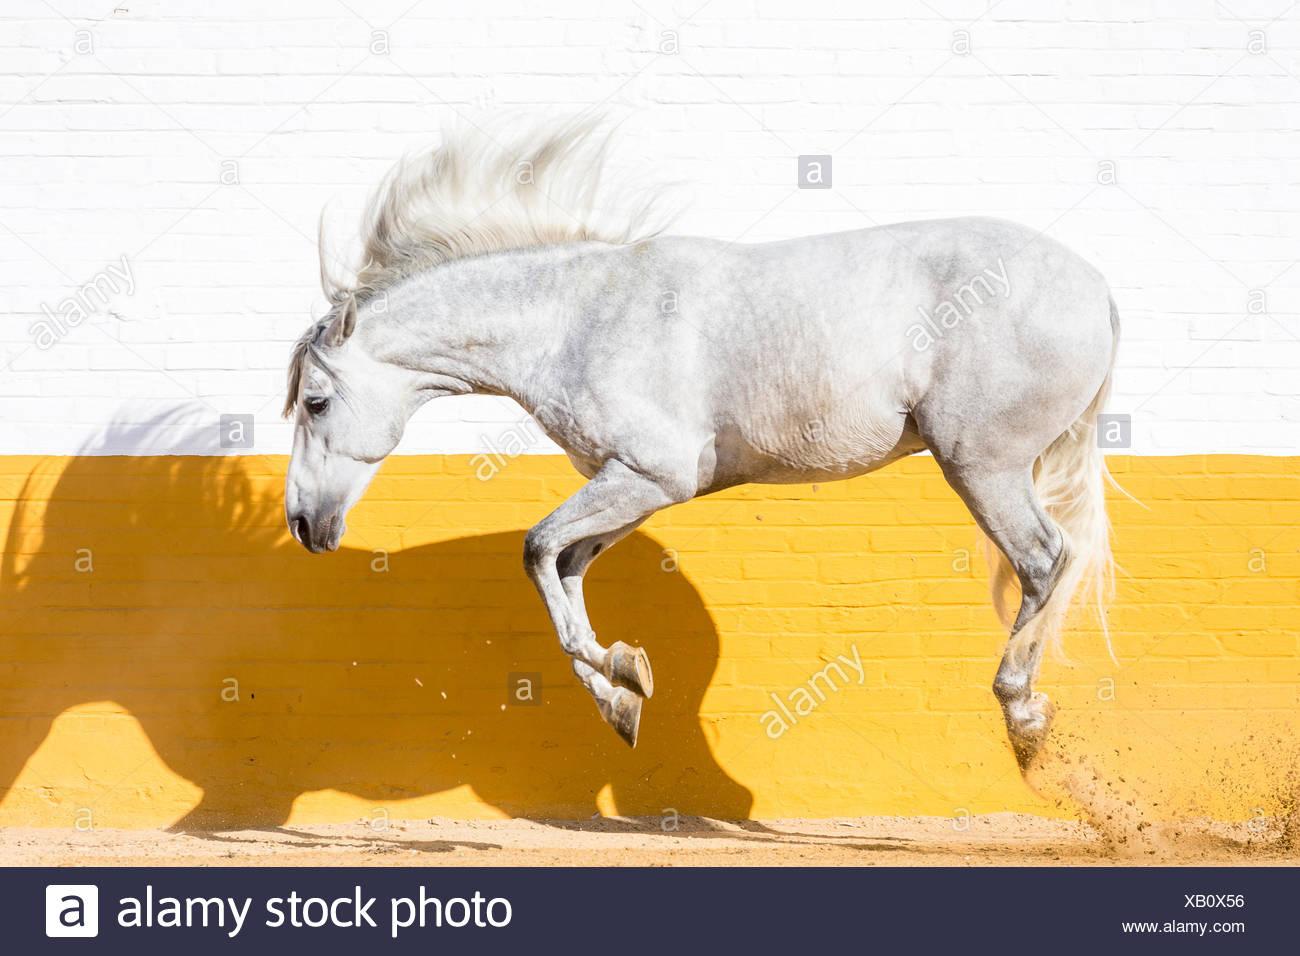 Puro Cavallo Spagnolo andaluso. Stallone grigio saltando in un paddock. Spagna Immagini Stock